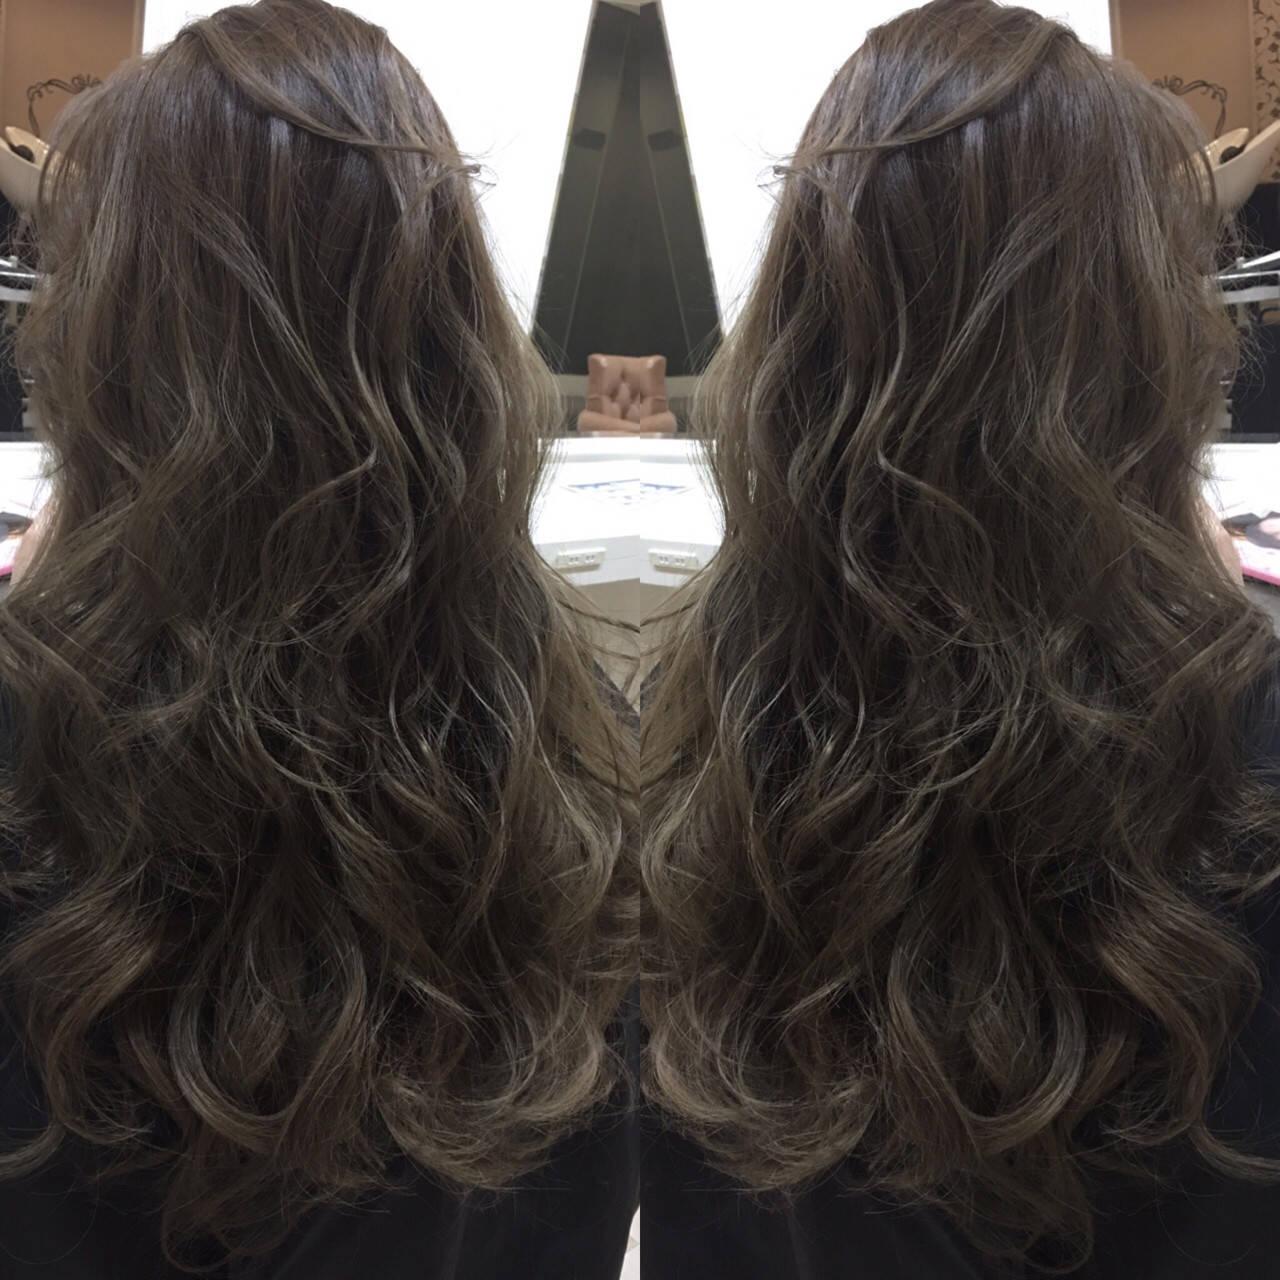 アッシュ 暗髪 ハイライト グラデーションカラーヘアスタイルや髪型の写真・画像